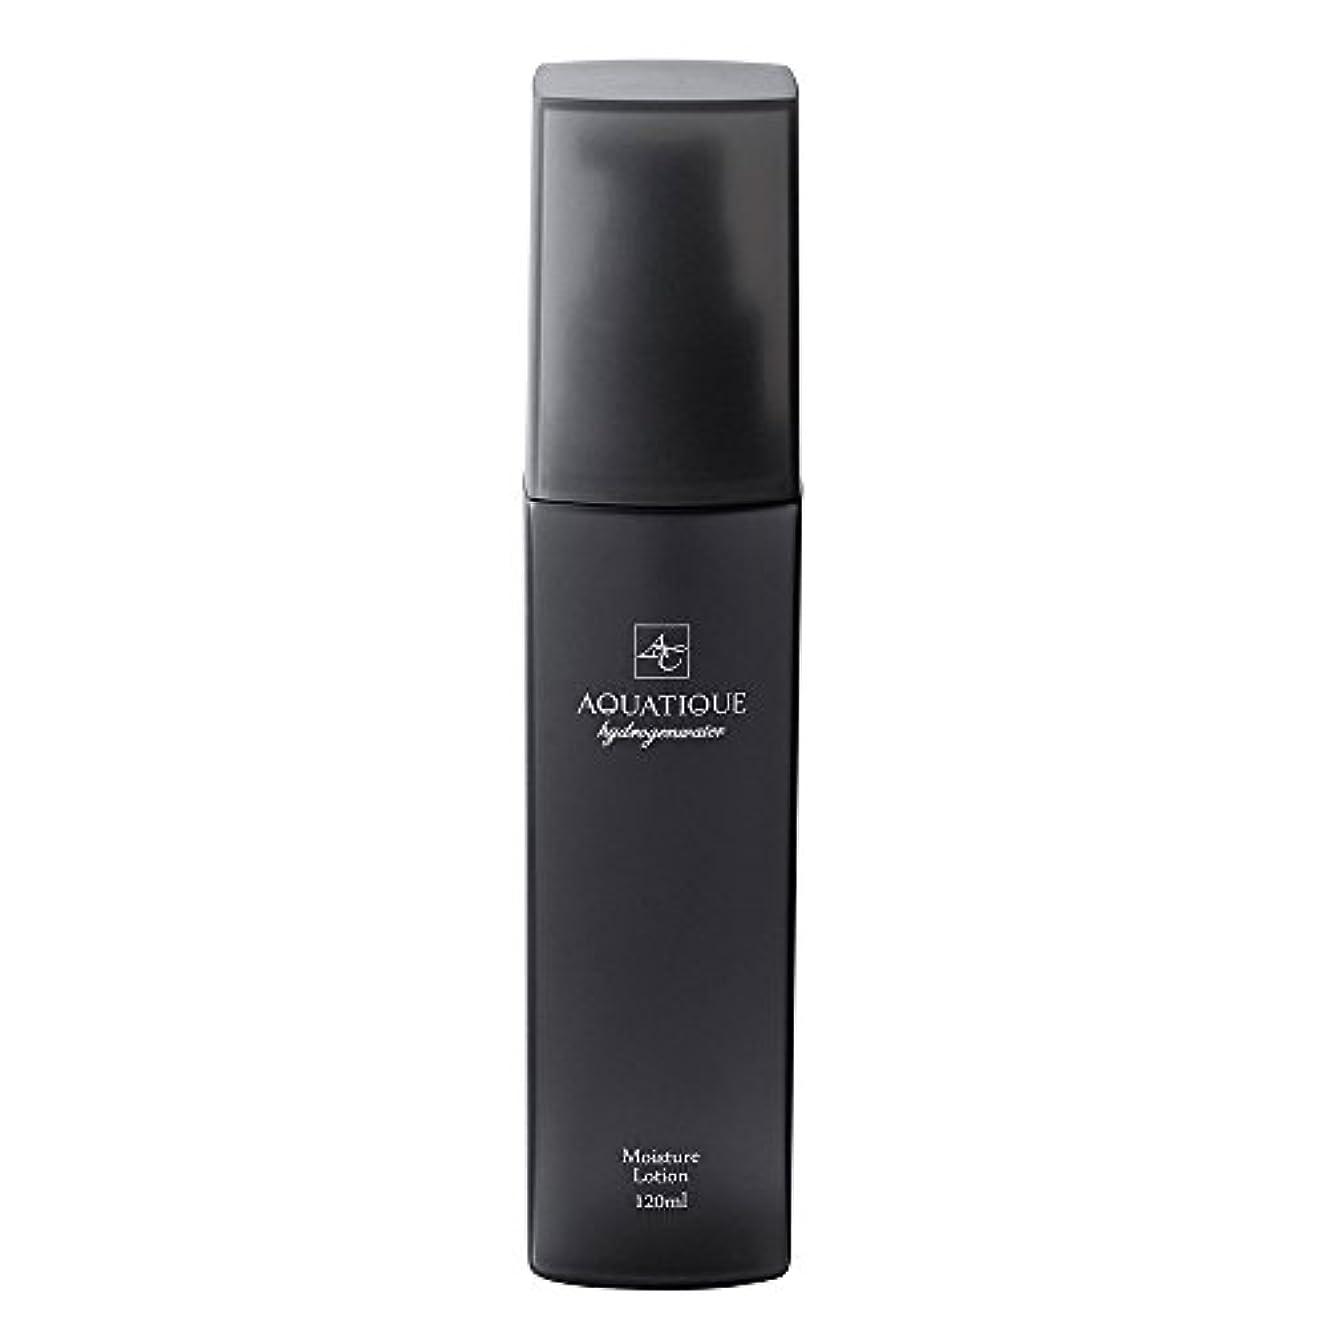 すごい意識分解する水素化粧水 アクアティーク モイスチャーローション 120ml (化粧水)